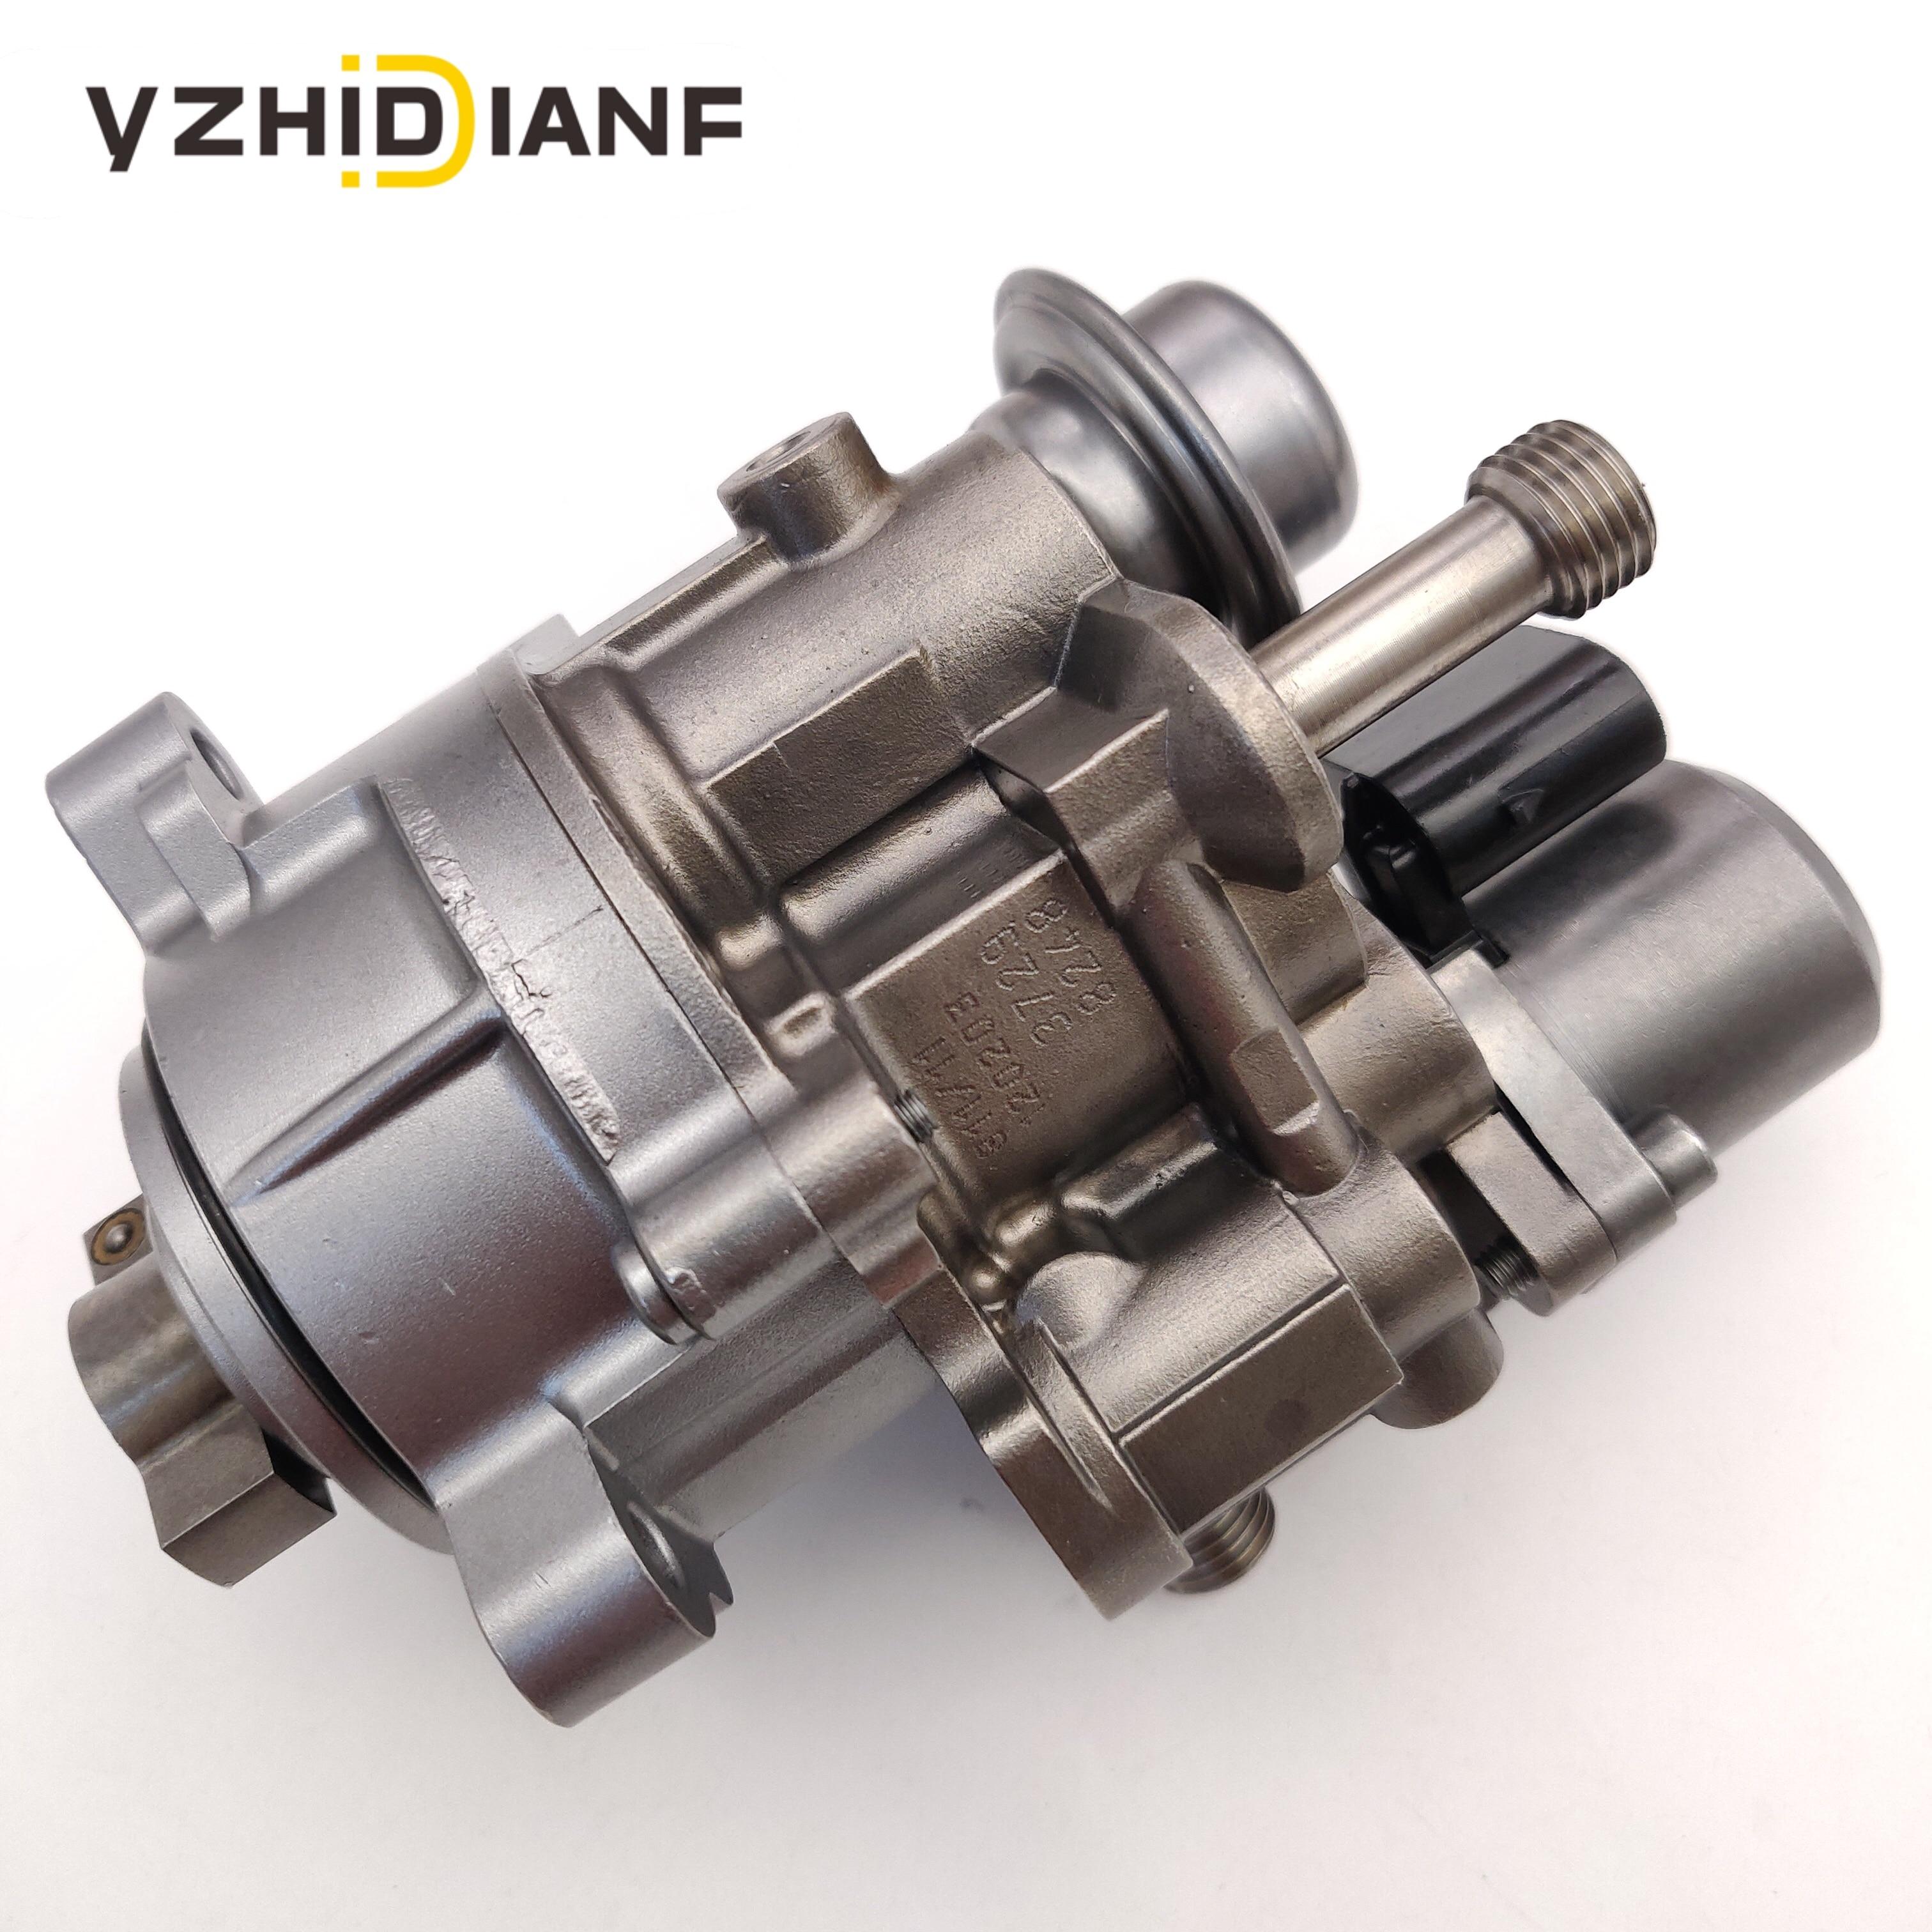 13517613933 13517616170 High Pressure Fuel Pump for BMW N54//N55 Motor 335i 535i 535i